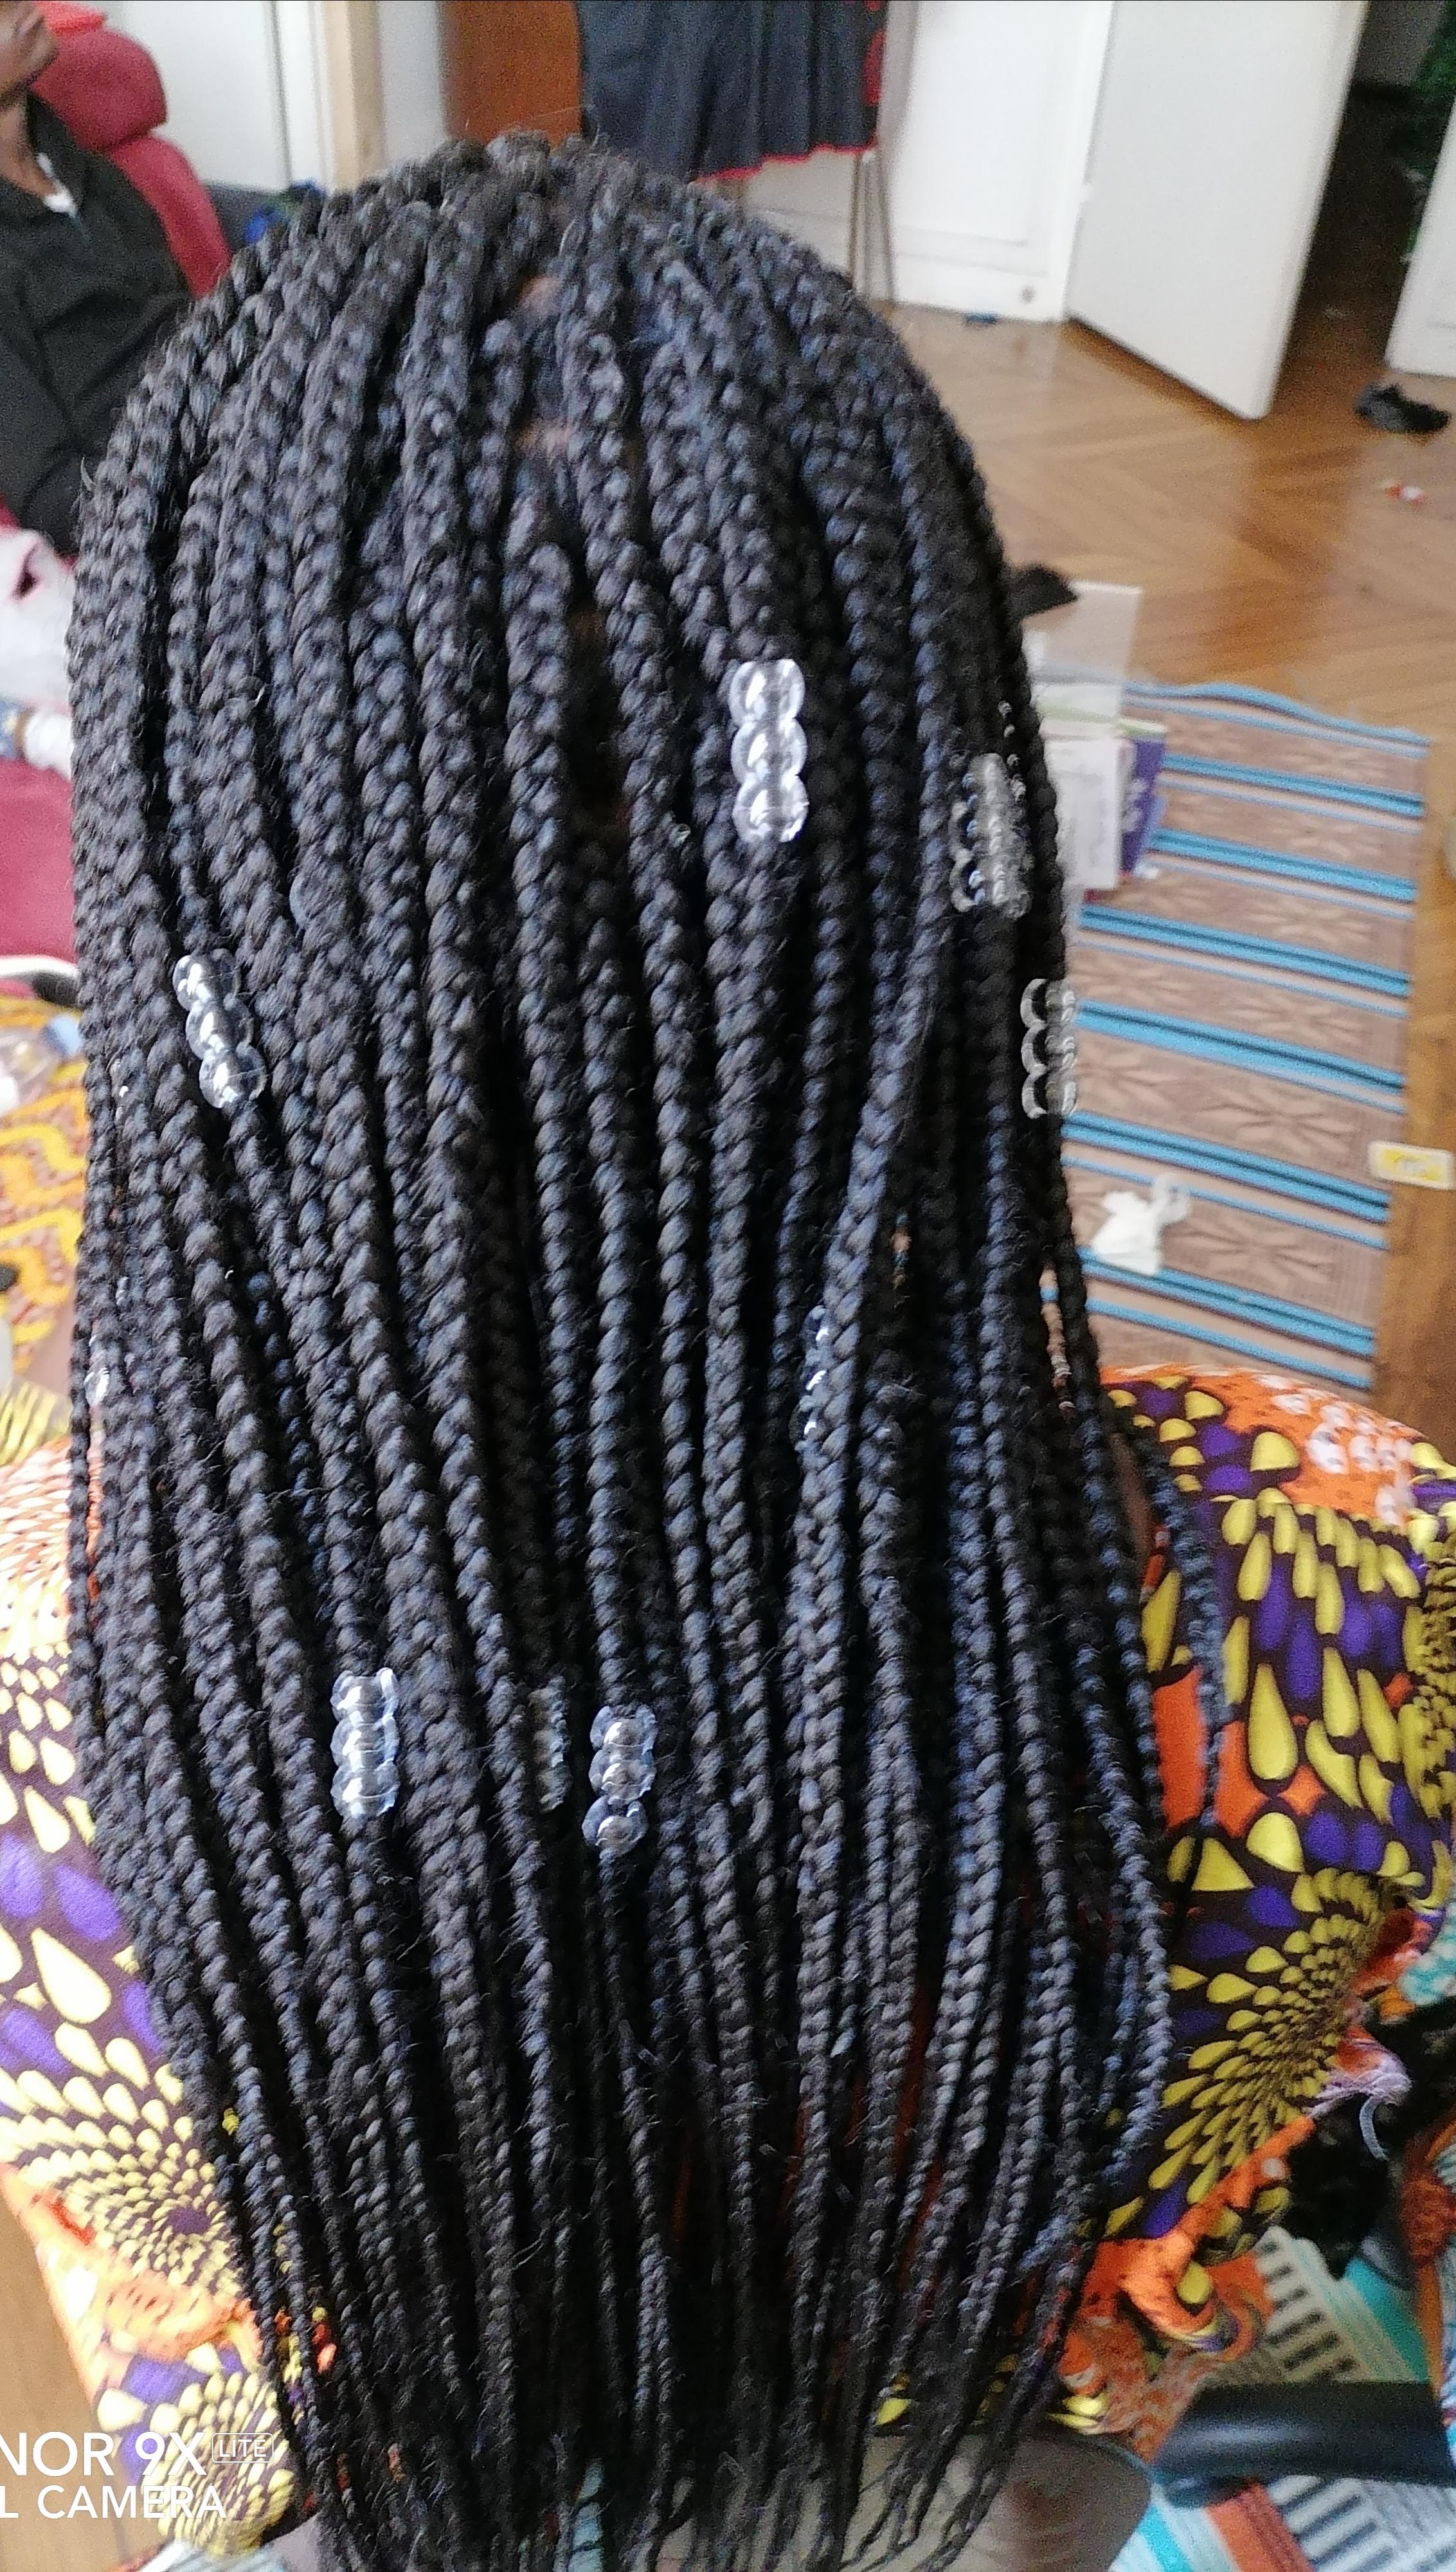 salon de coiffure afro tresse tresses box braids crochet braids vanilles tissages paris 75 77 78 91 92 93 94 95 TCNAPGUJ